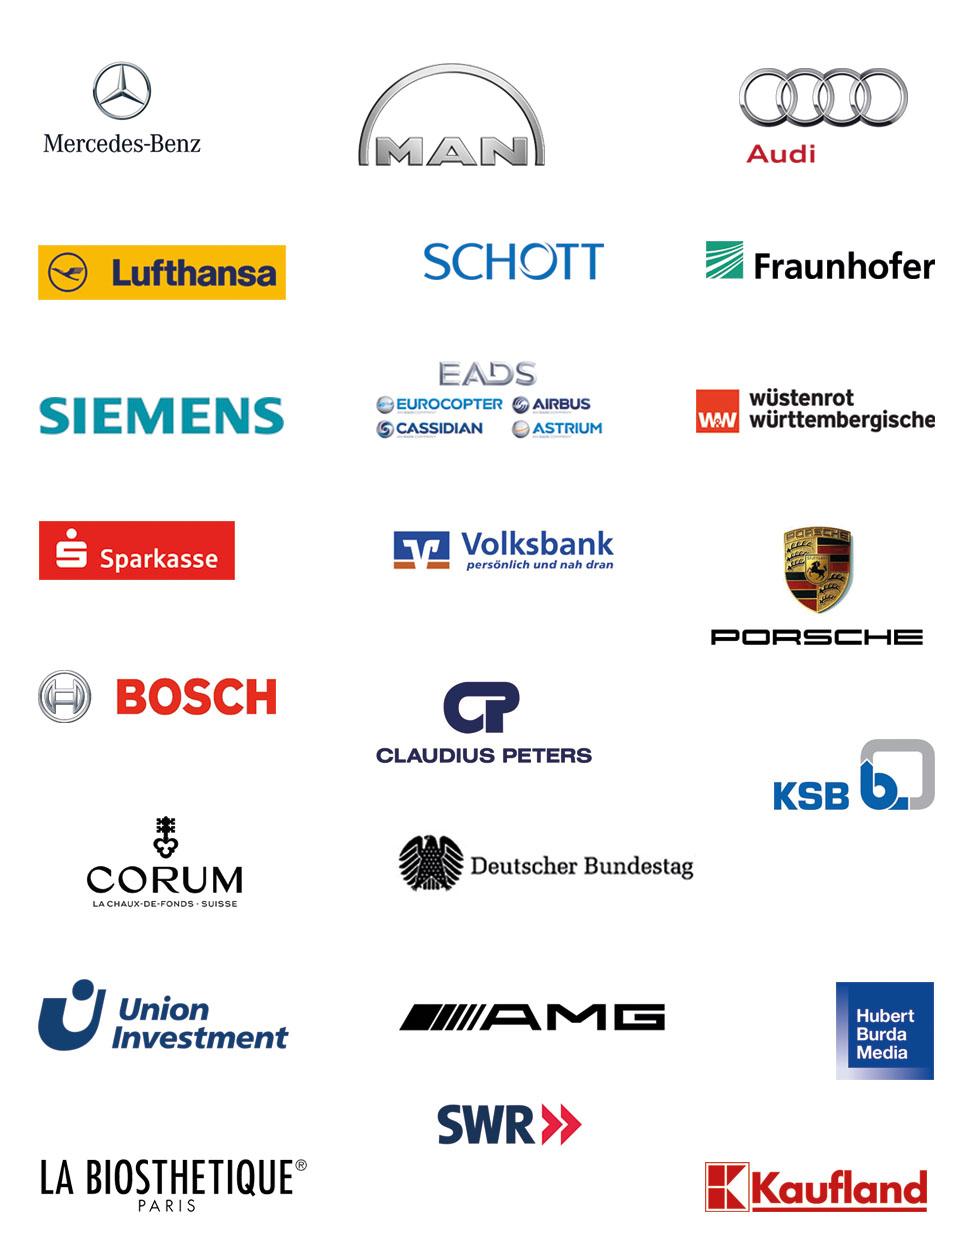 Logos von verschiedenen Unternehmen